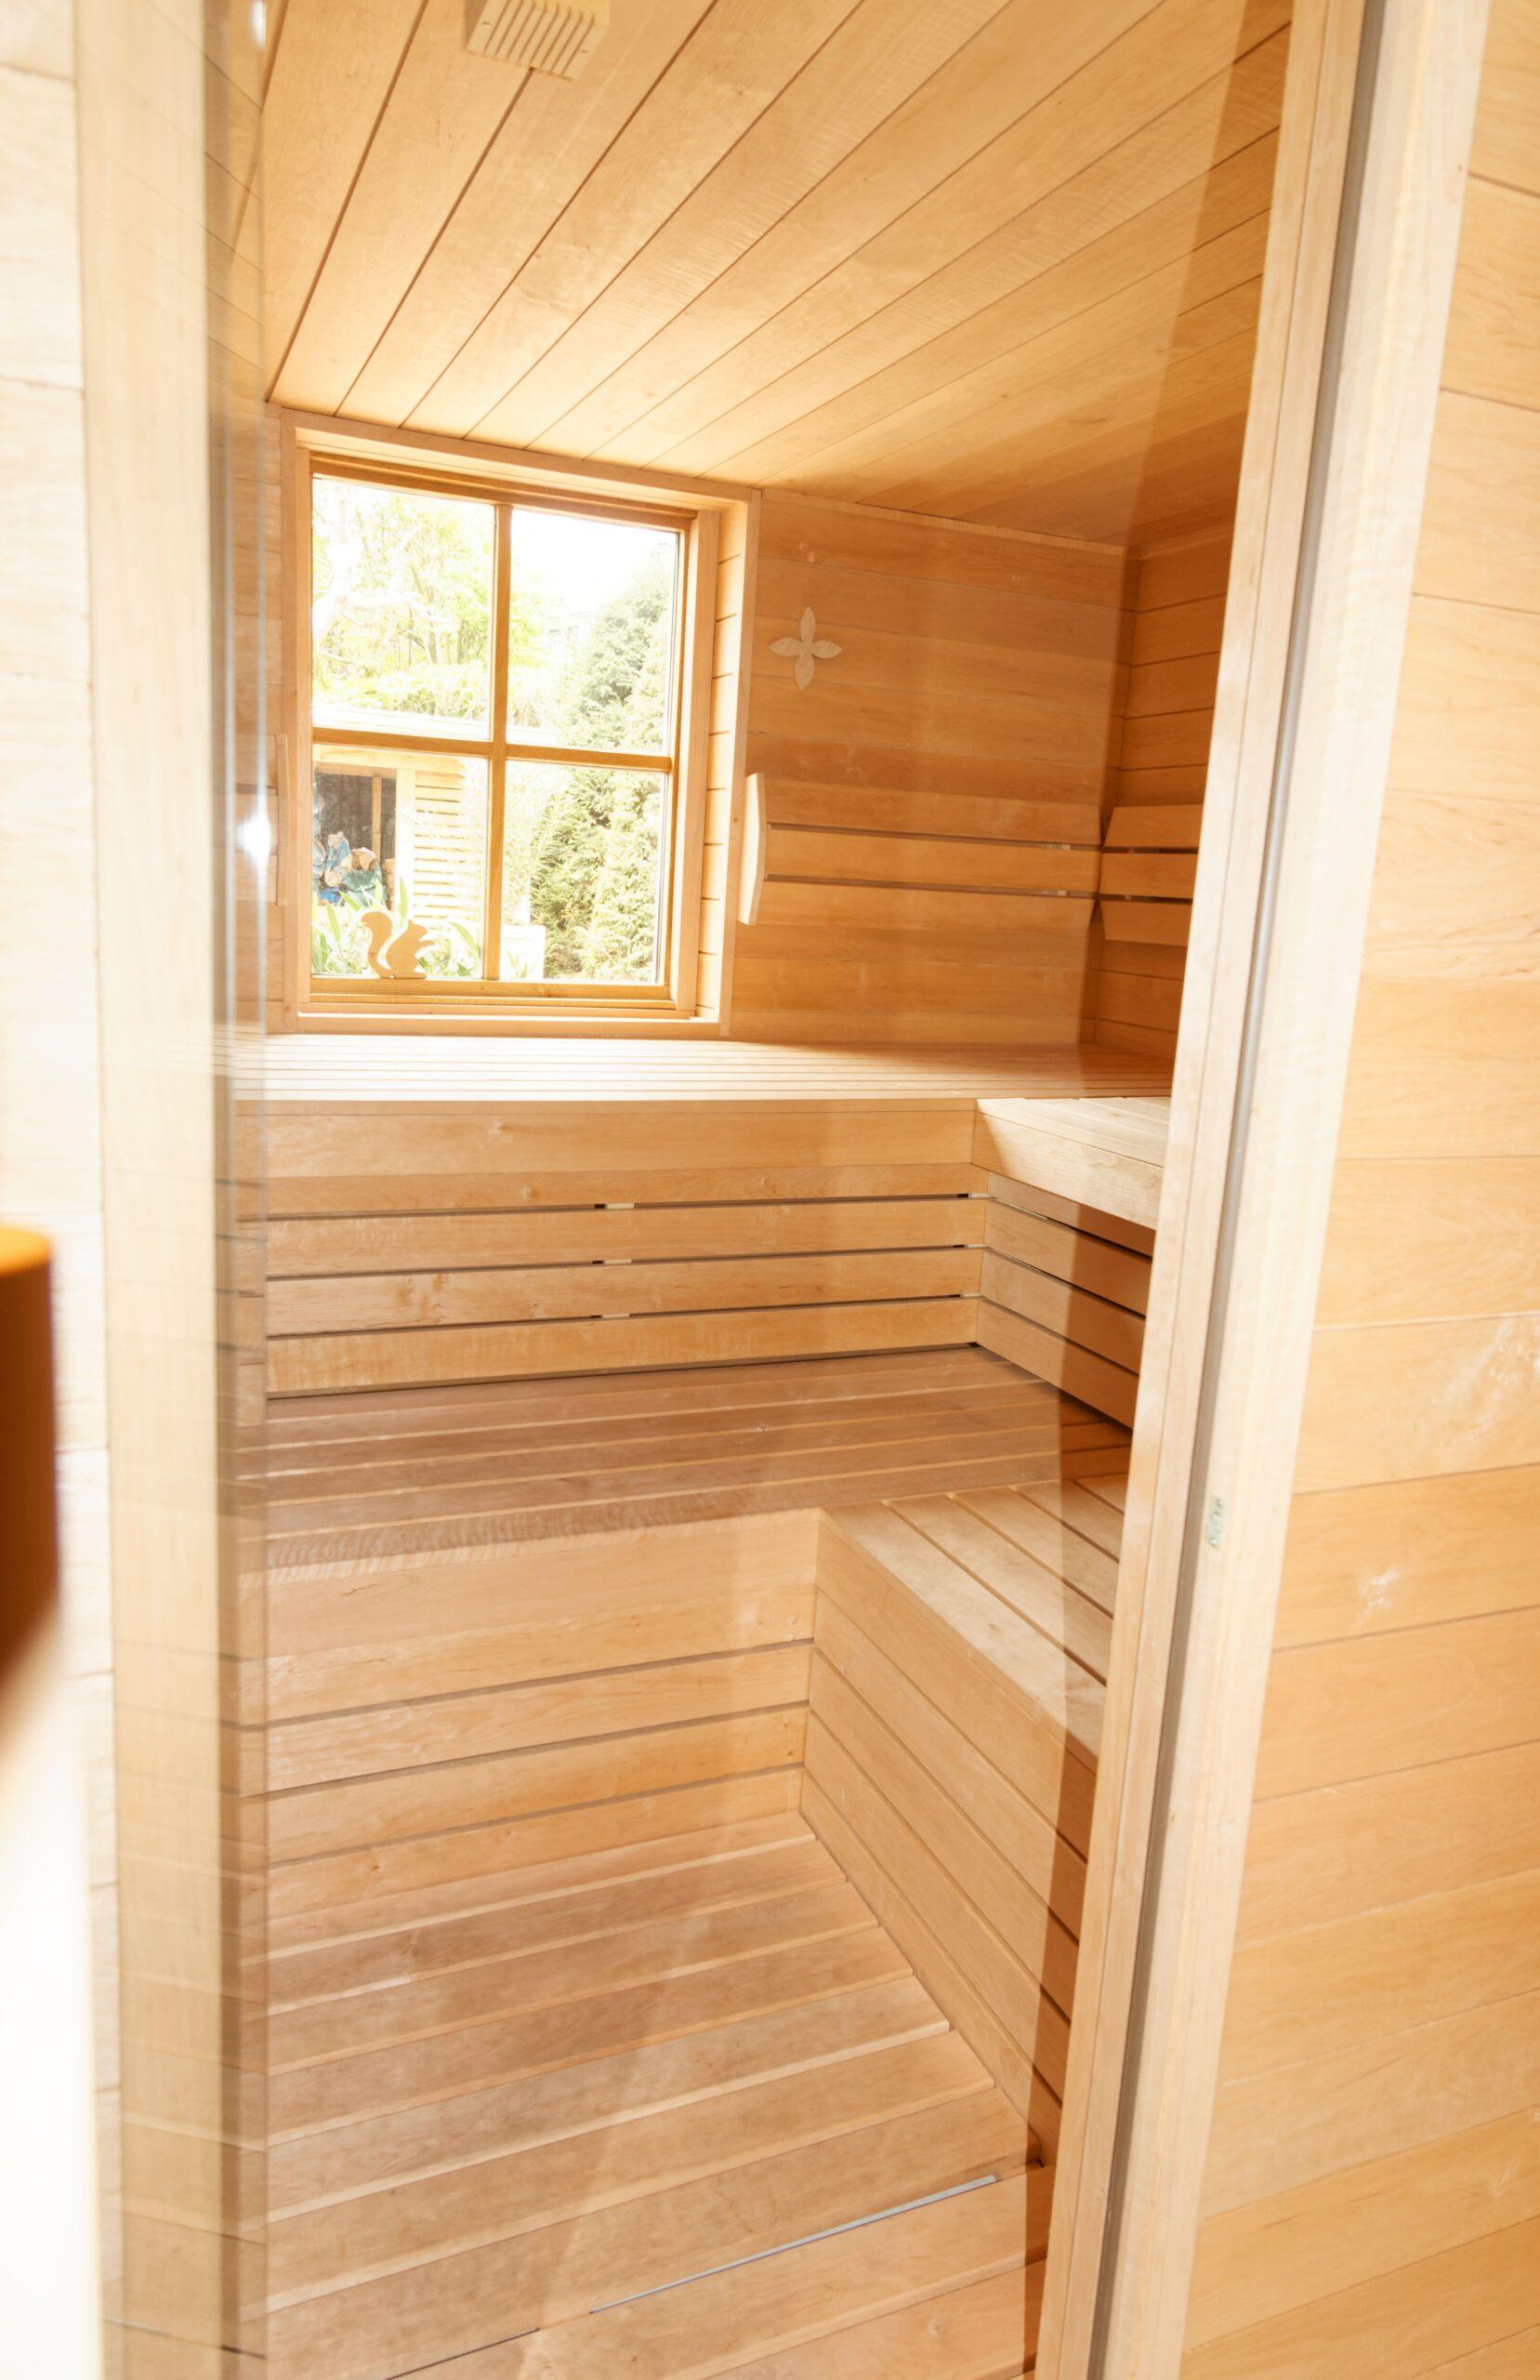 Eiken-bijgebouw-14-scaled - Project Laren: Houten schuur met sauna en tuinkamer